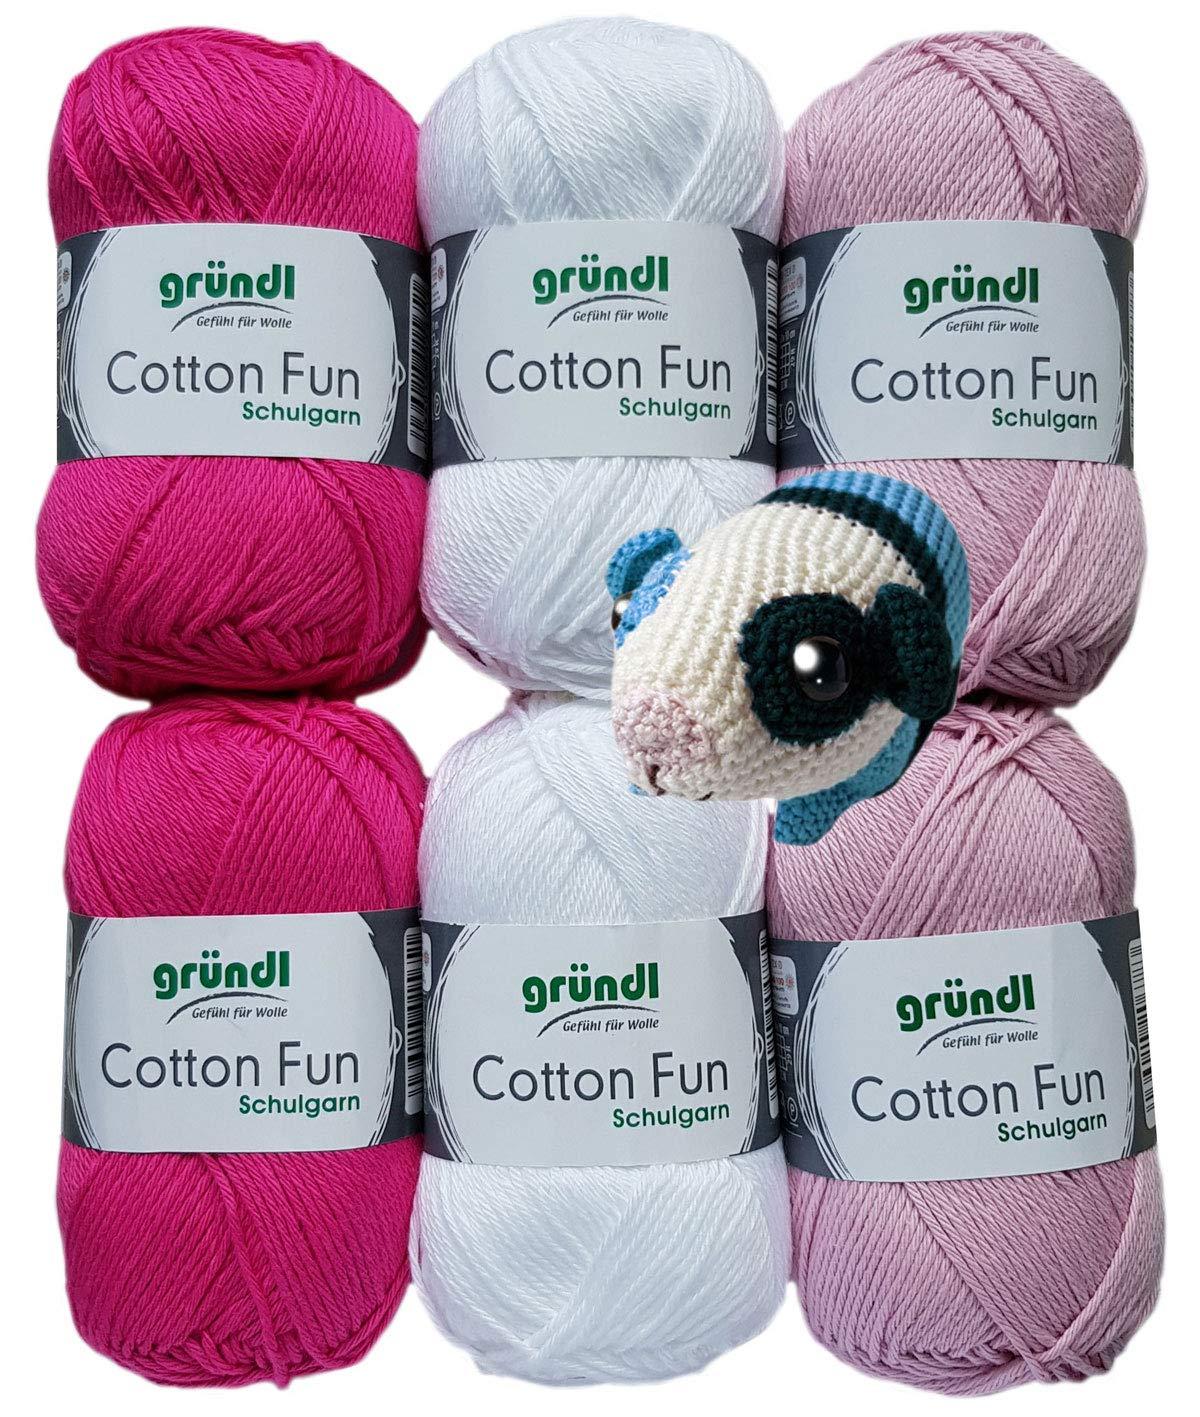 Gomitolo di Filato per Uncinetto Istruzioni Incluse Lingua Italiana Non Garantita Gr/ündl Cotton Fun